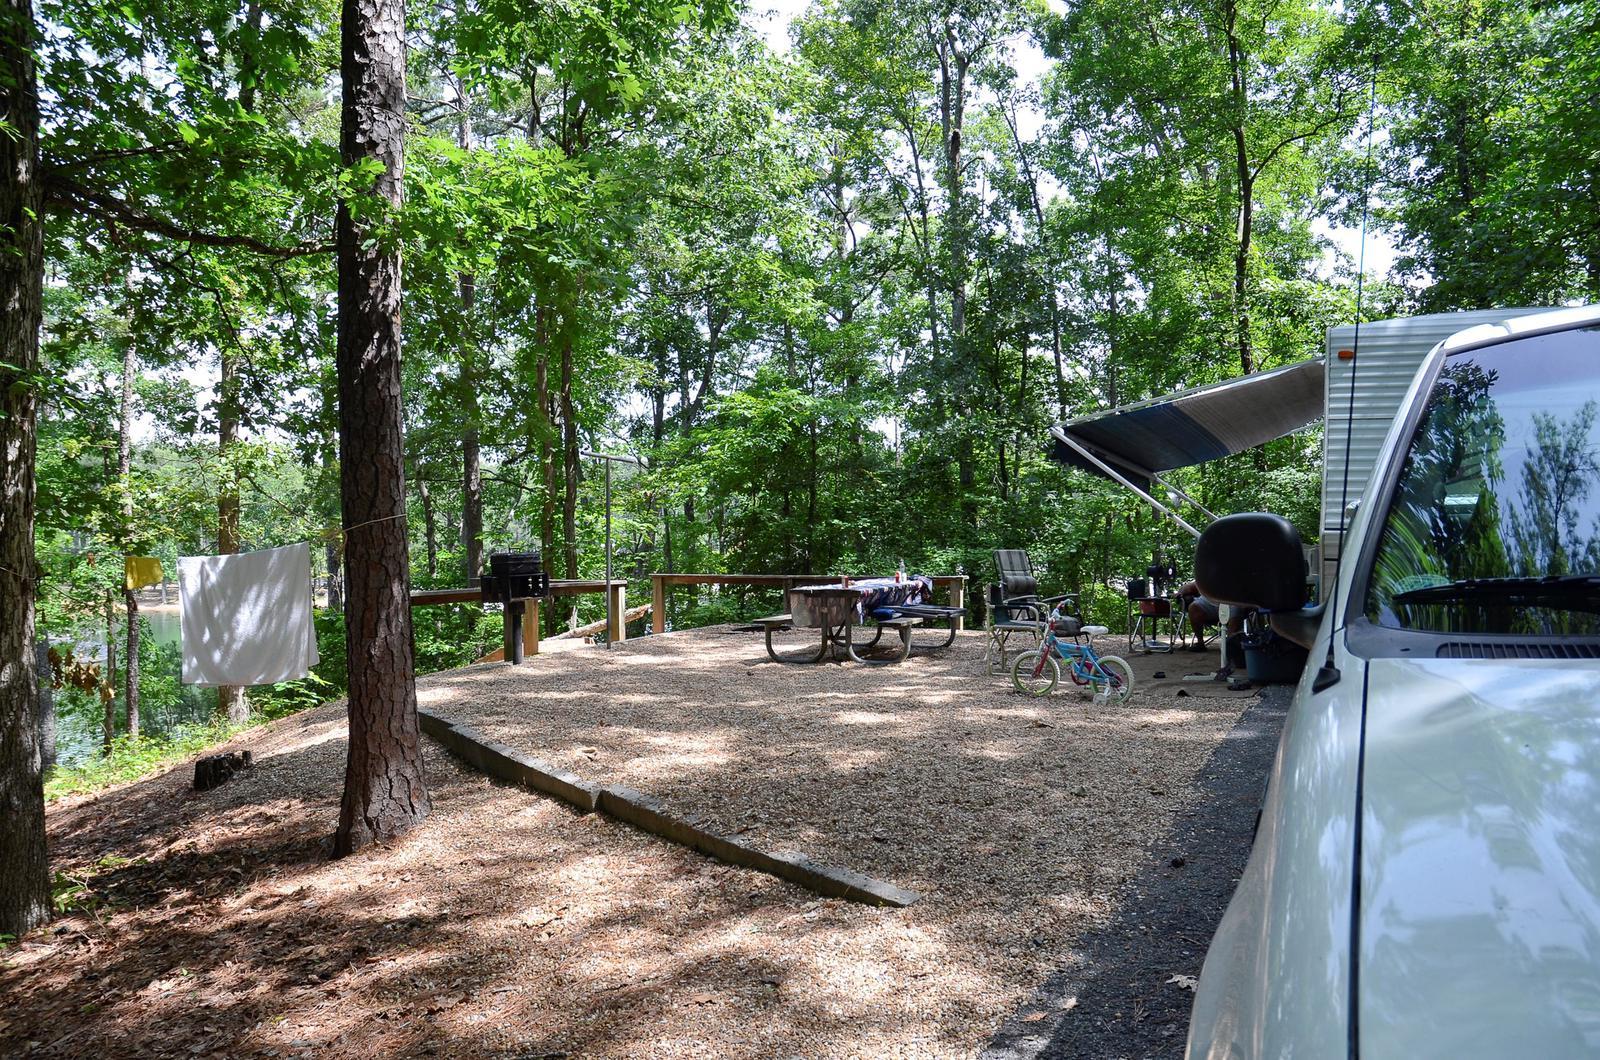 McKinney Campground Site 25